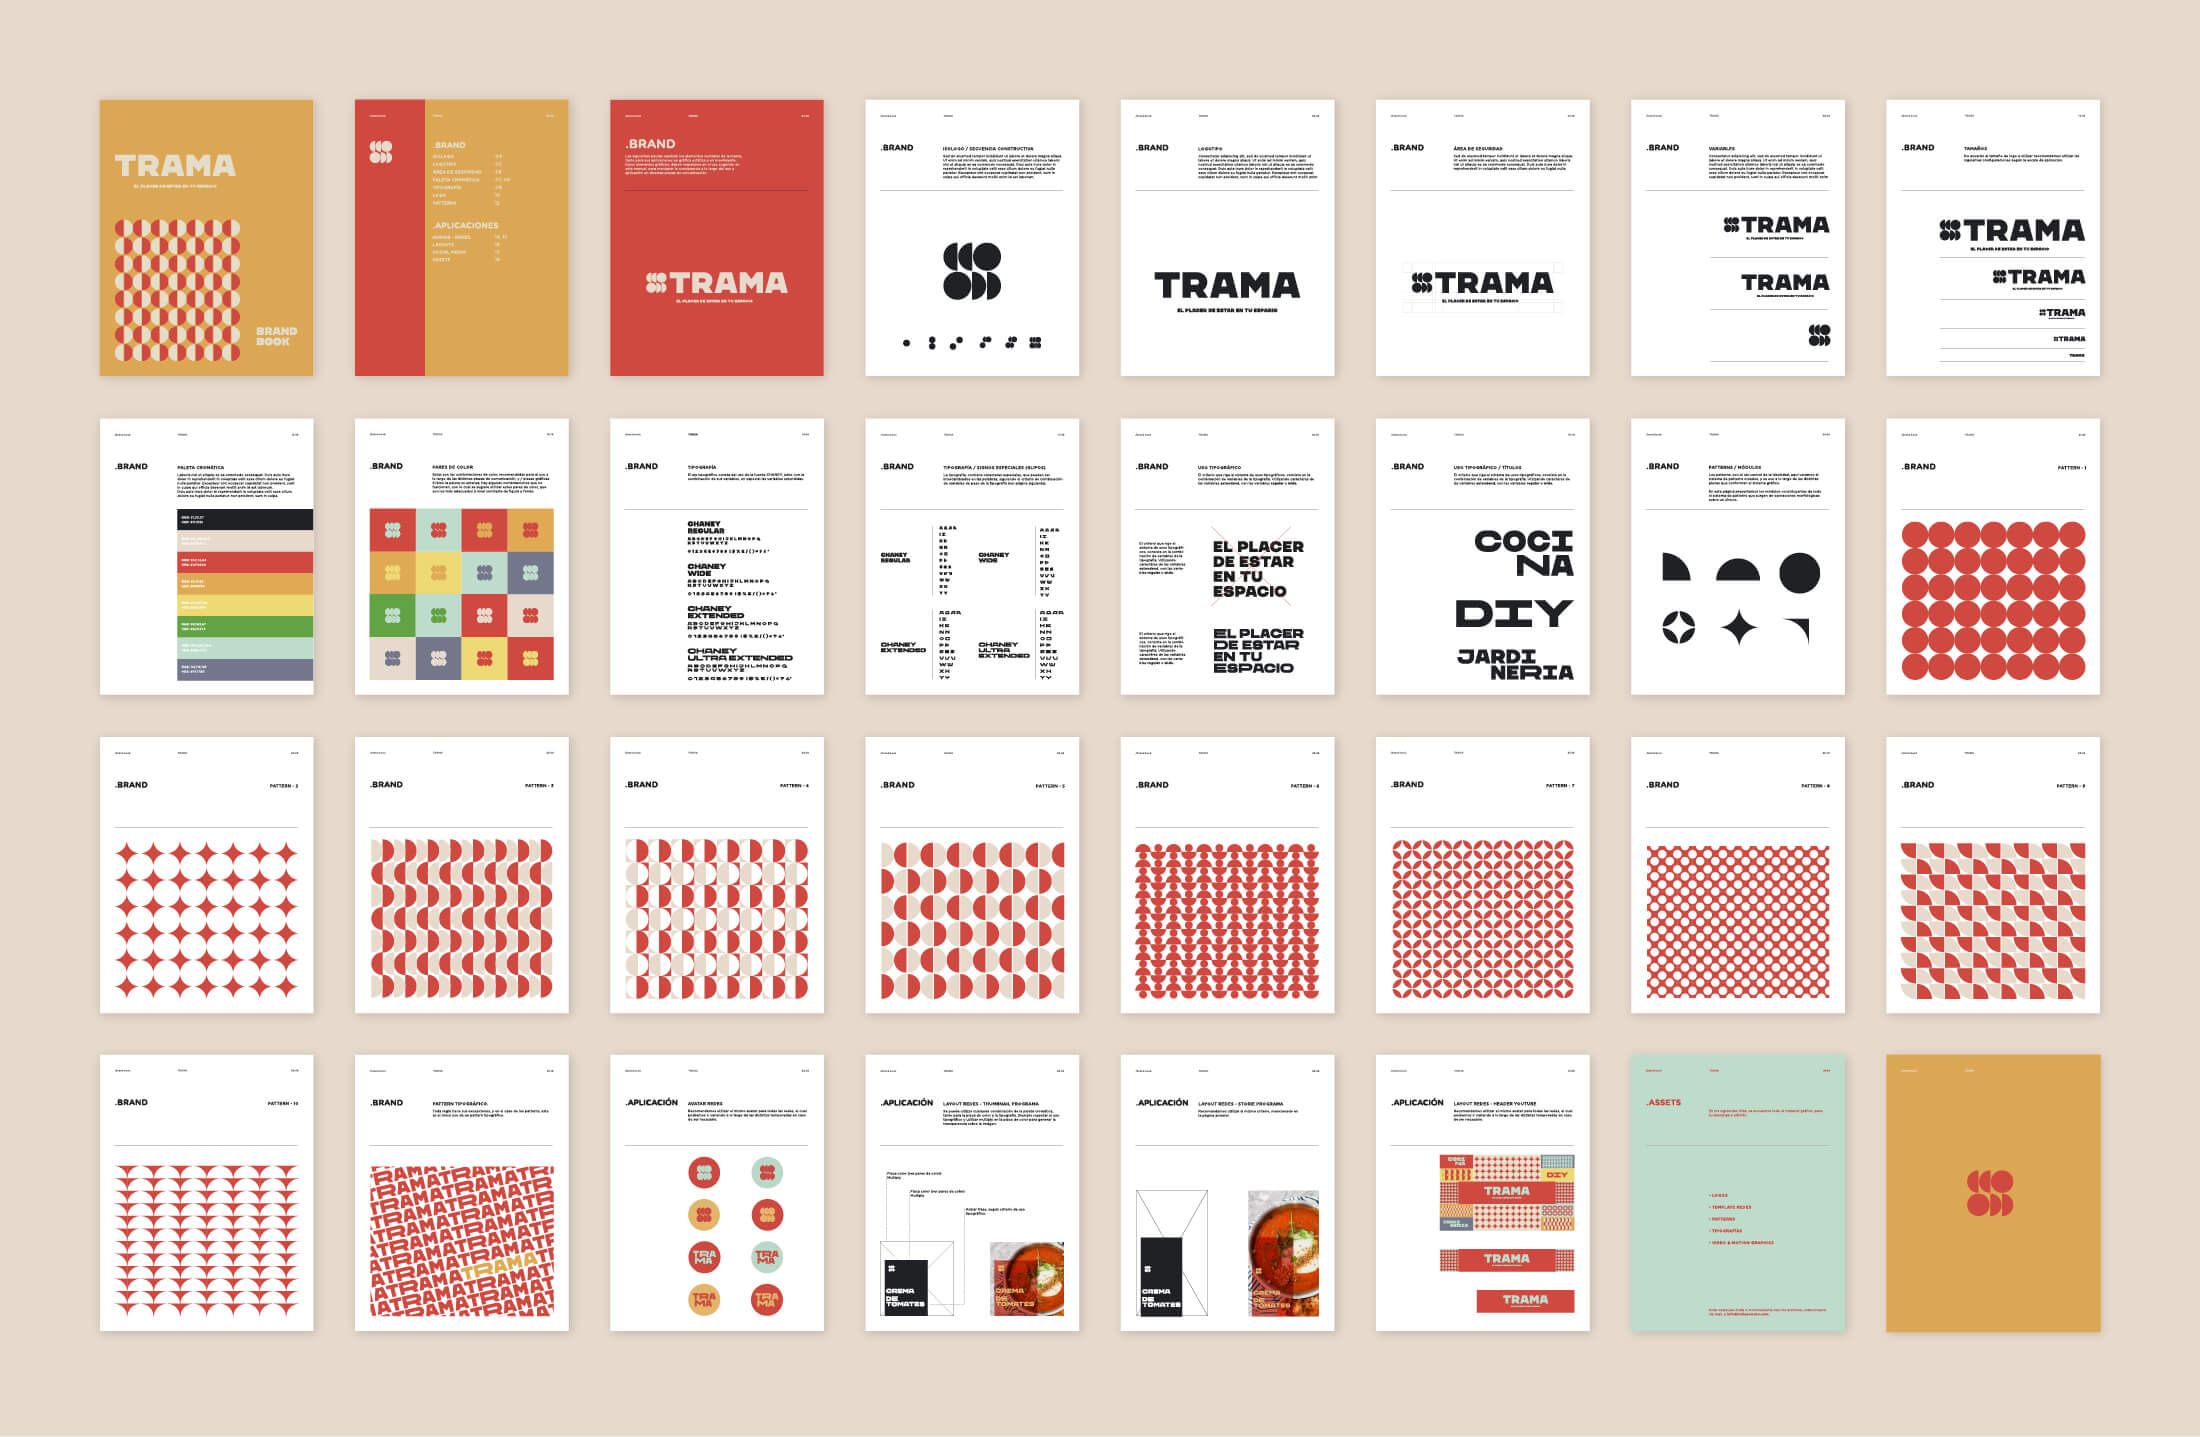 trama_brand_book